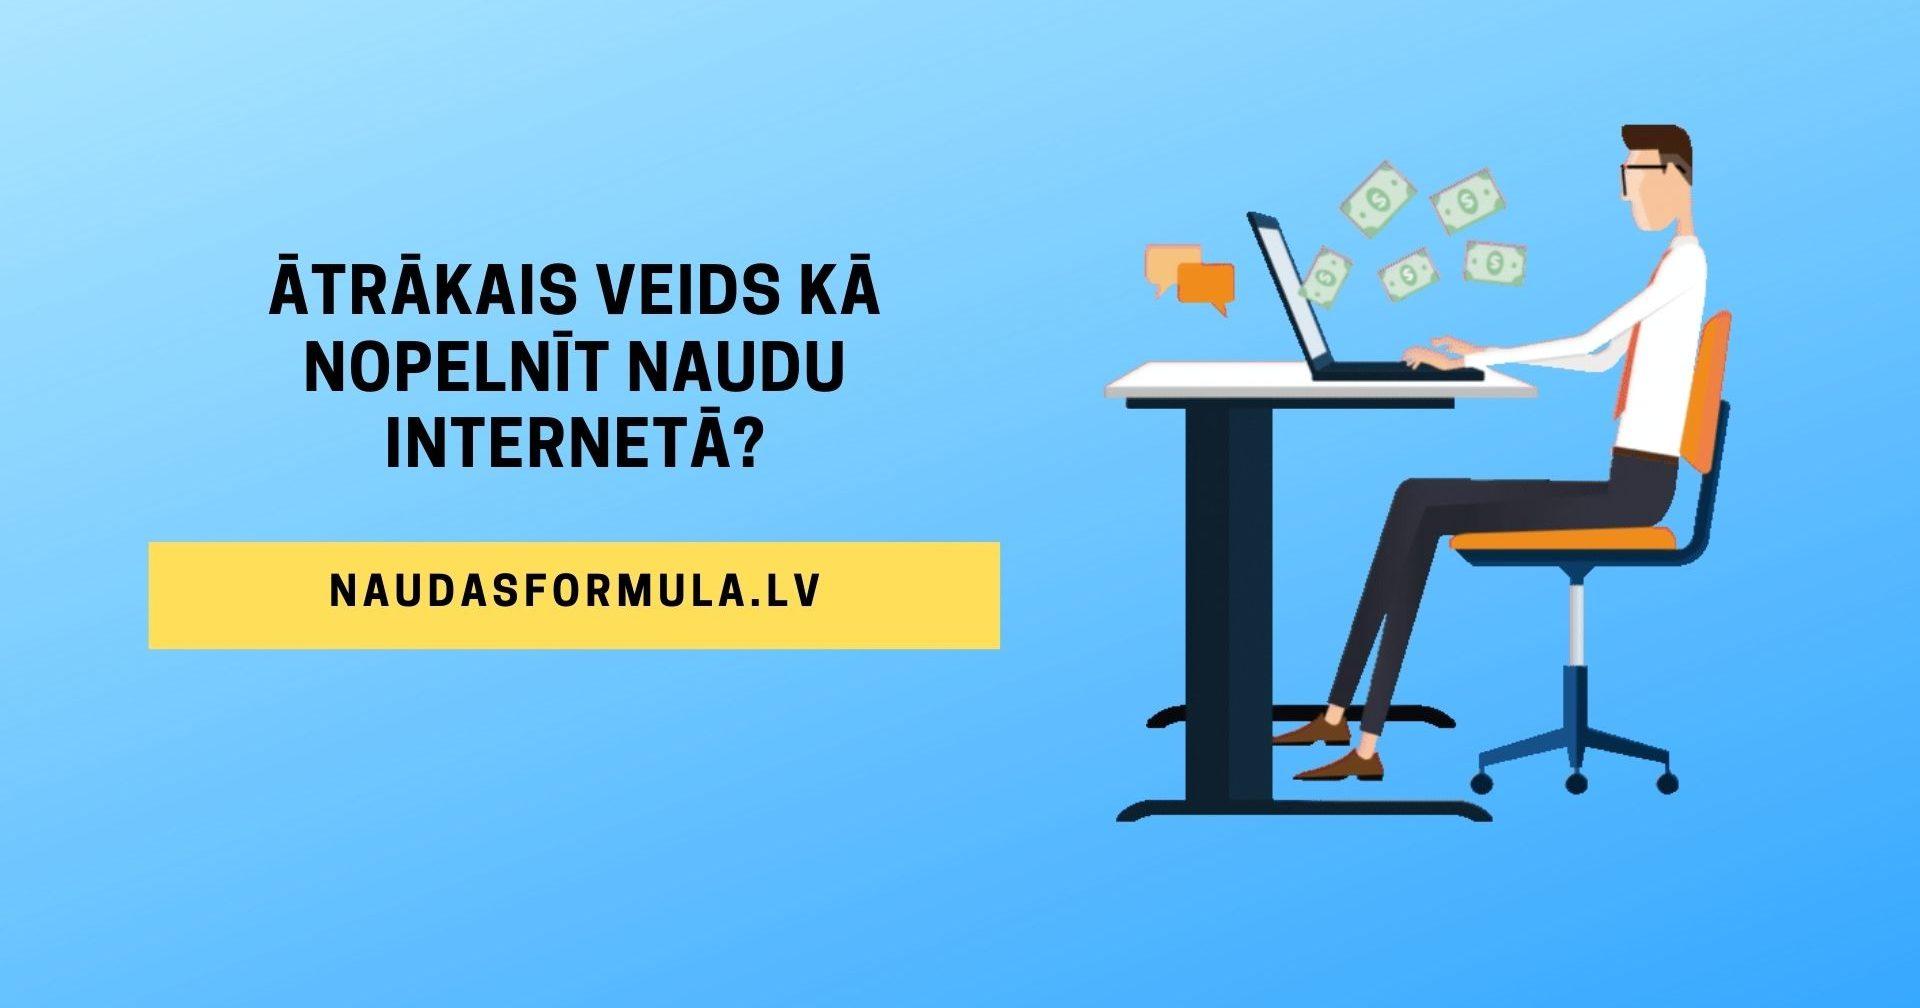 Es gribu nopelnīt reālu naudu internetā